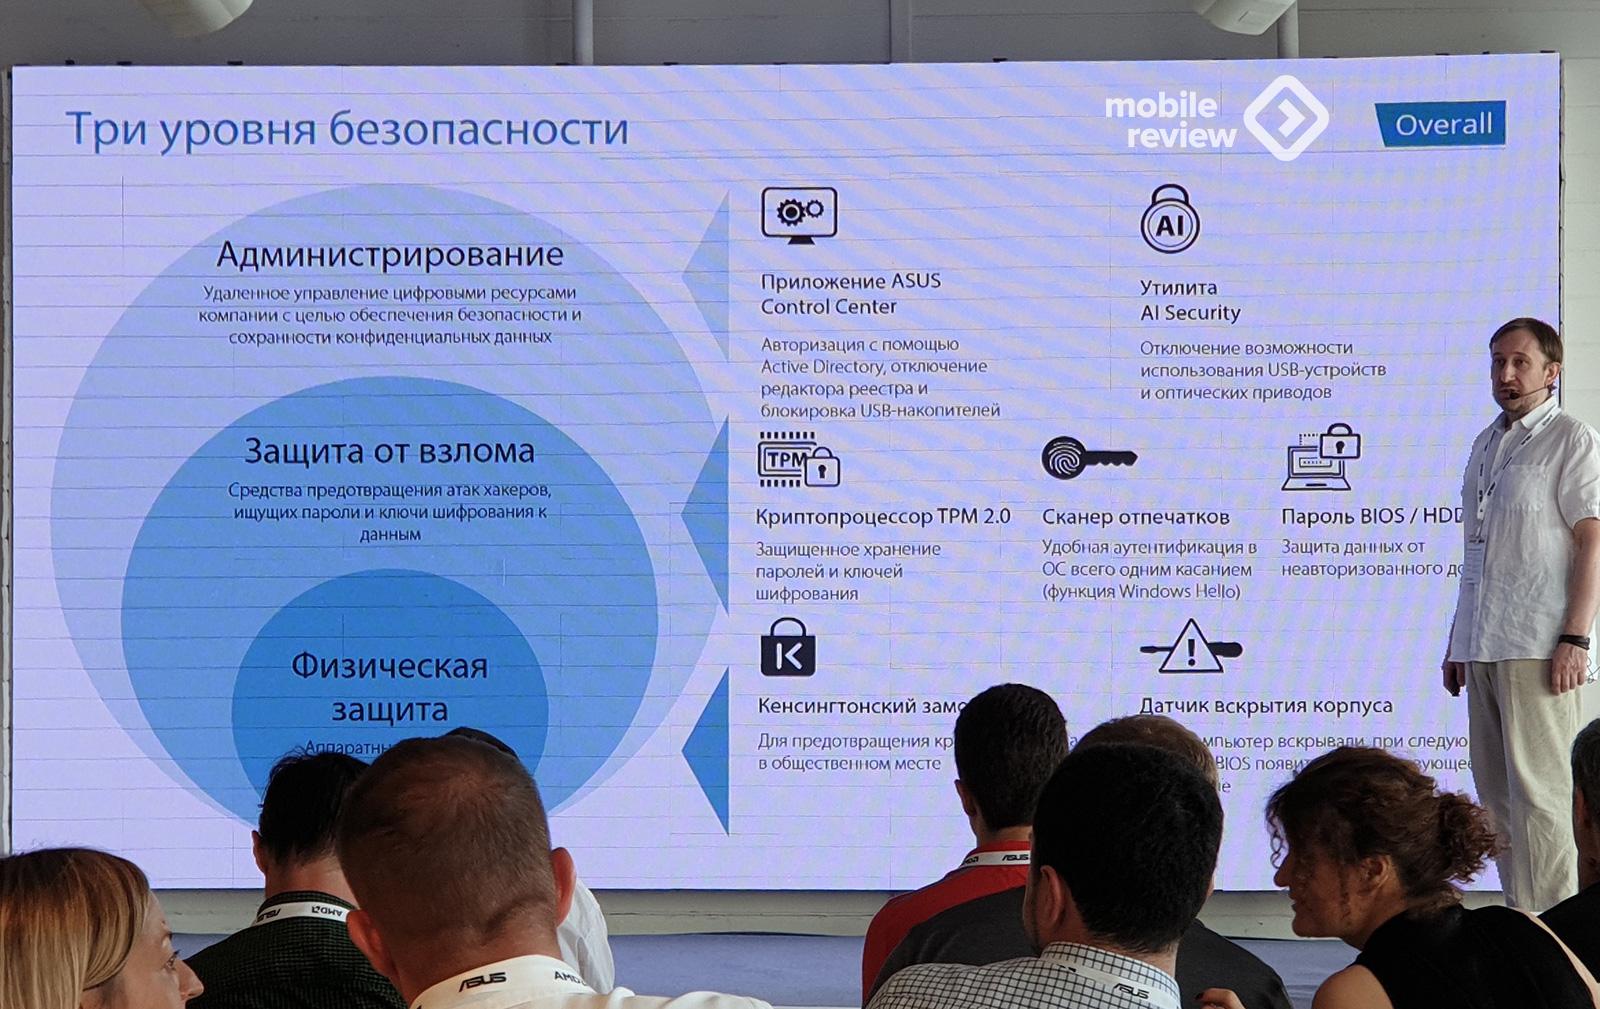 Кто самый продаваемый бренд на рынке ноутбуков России? (ASUS)